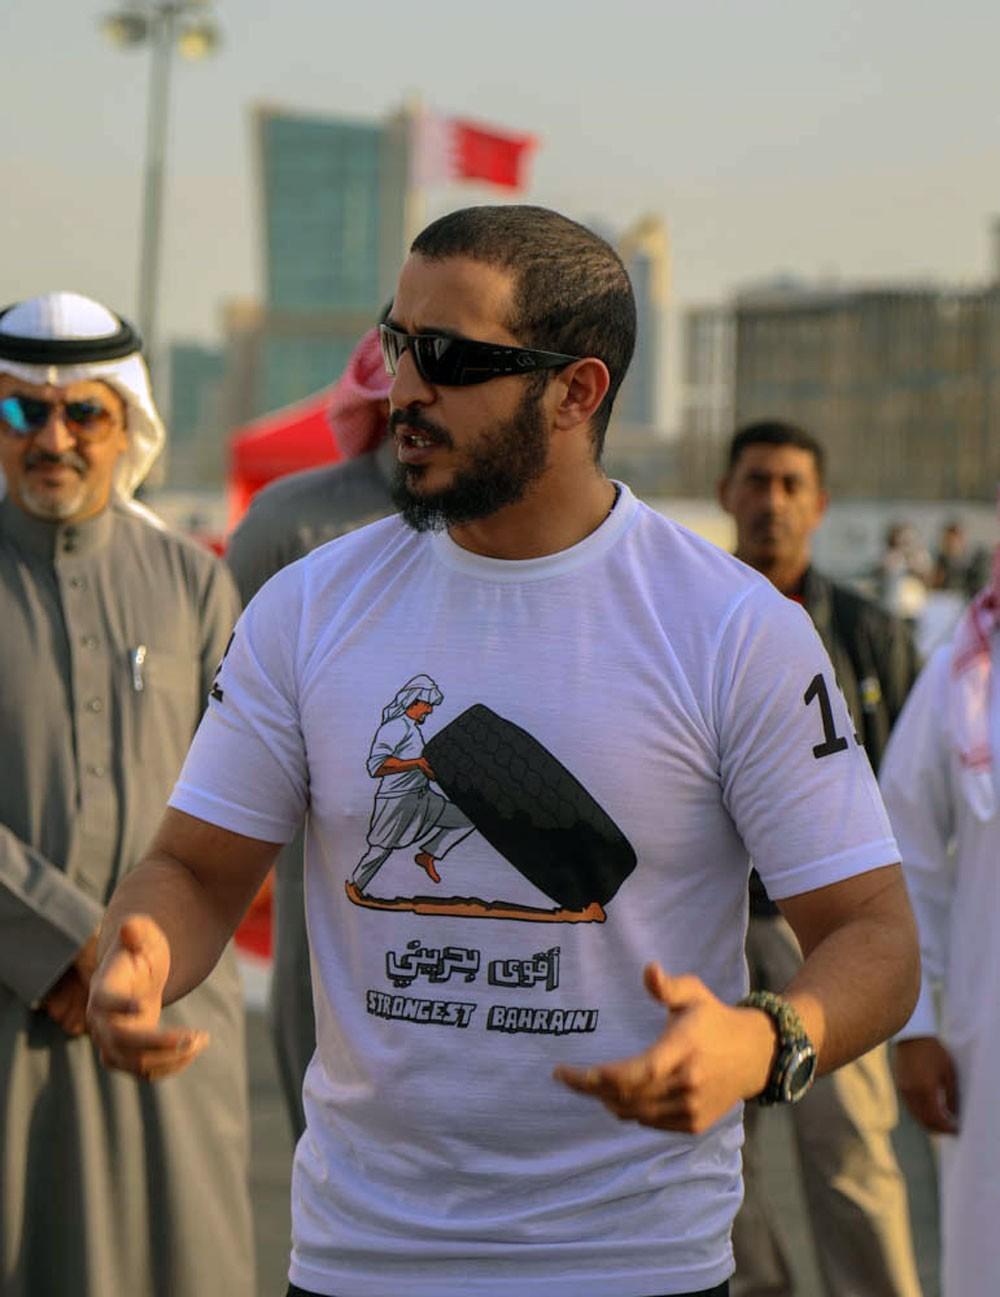 خالد بن حمد يوجه لإقامة التصفيات التأهيلية لبطولة #أقوى_رجل_بحريني في سبتمبر القادم